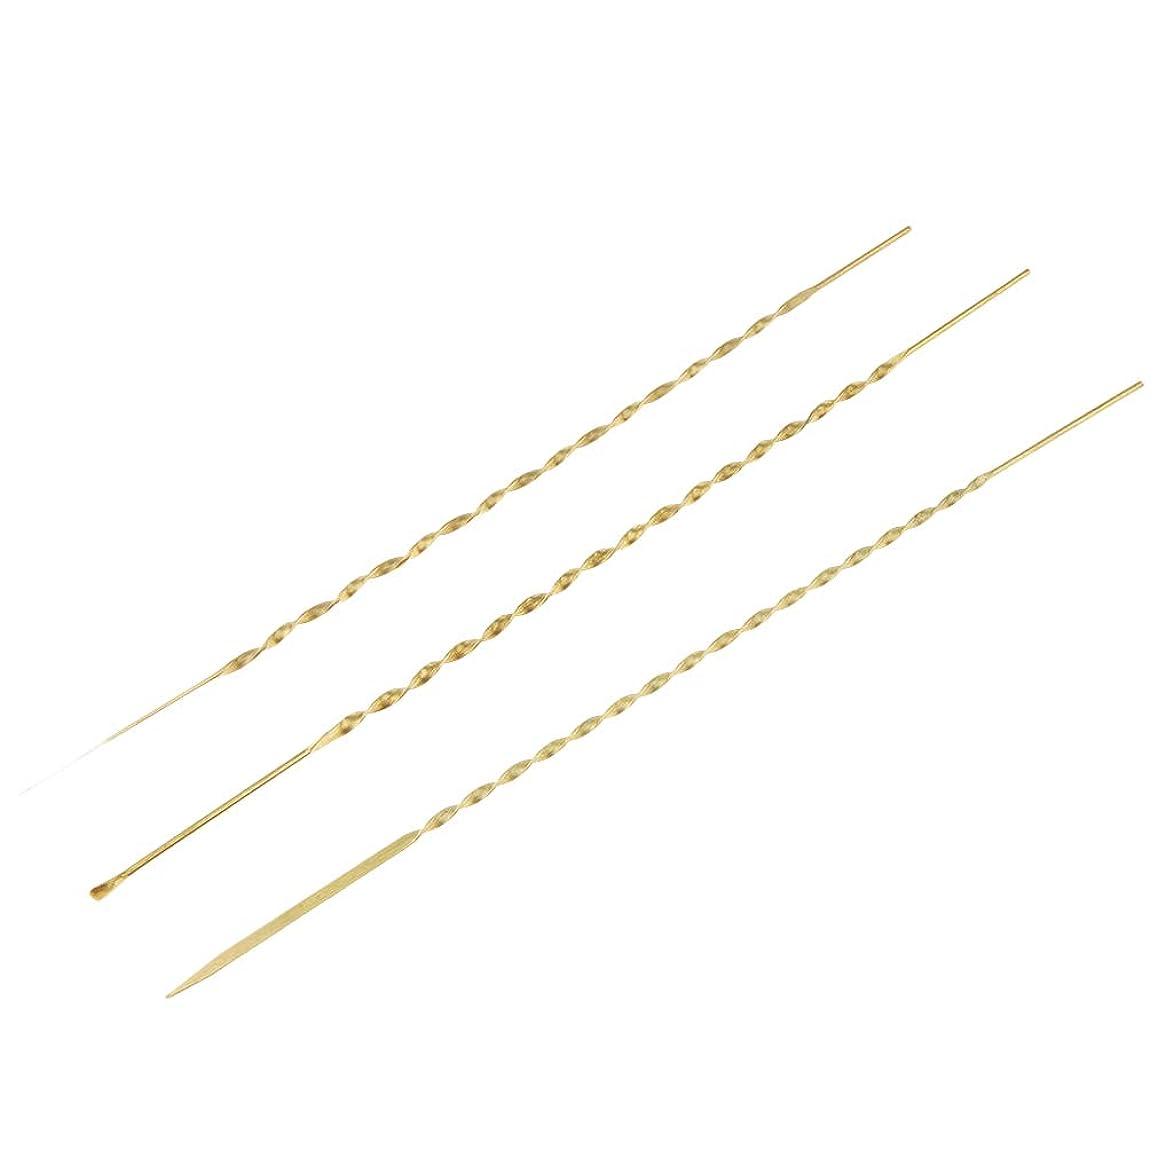 被害者ジャンプ合成Baoblaze 3本 耳ピック 耳かき 耳ワックスリムーバー 高品質 金属製 3サイズ選べ - 17cm